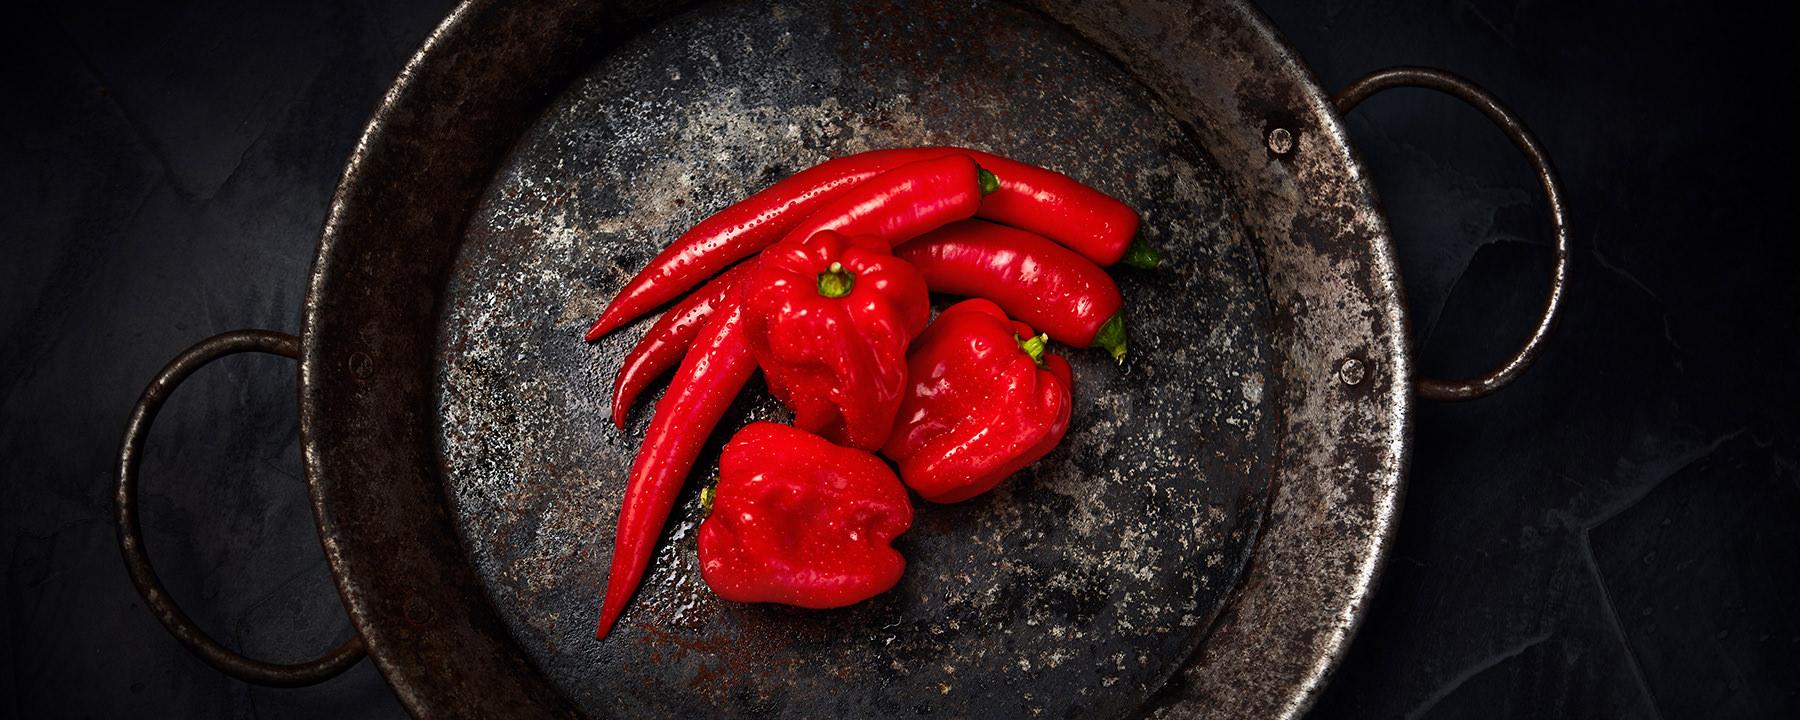 Produkt-Fotografie von roten Chilis und Habaneros in einer Pfanne.